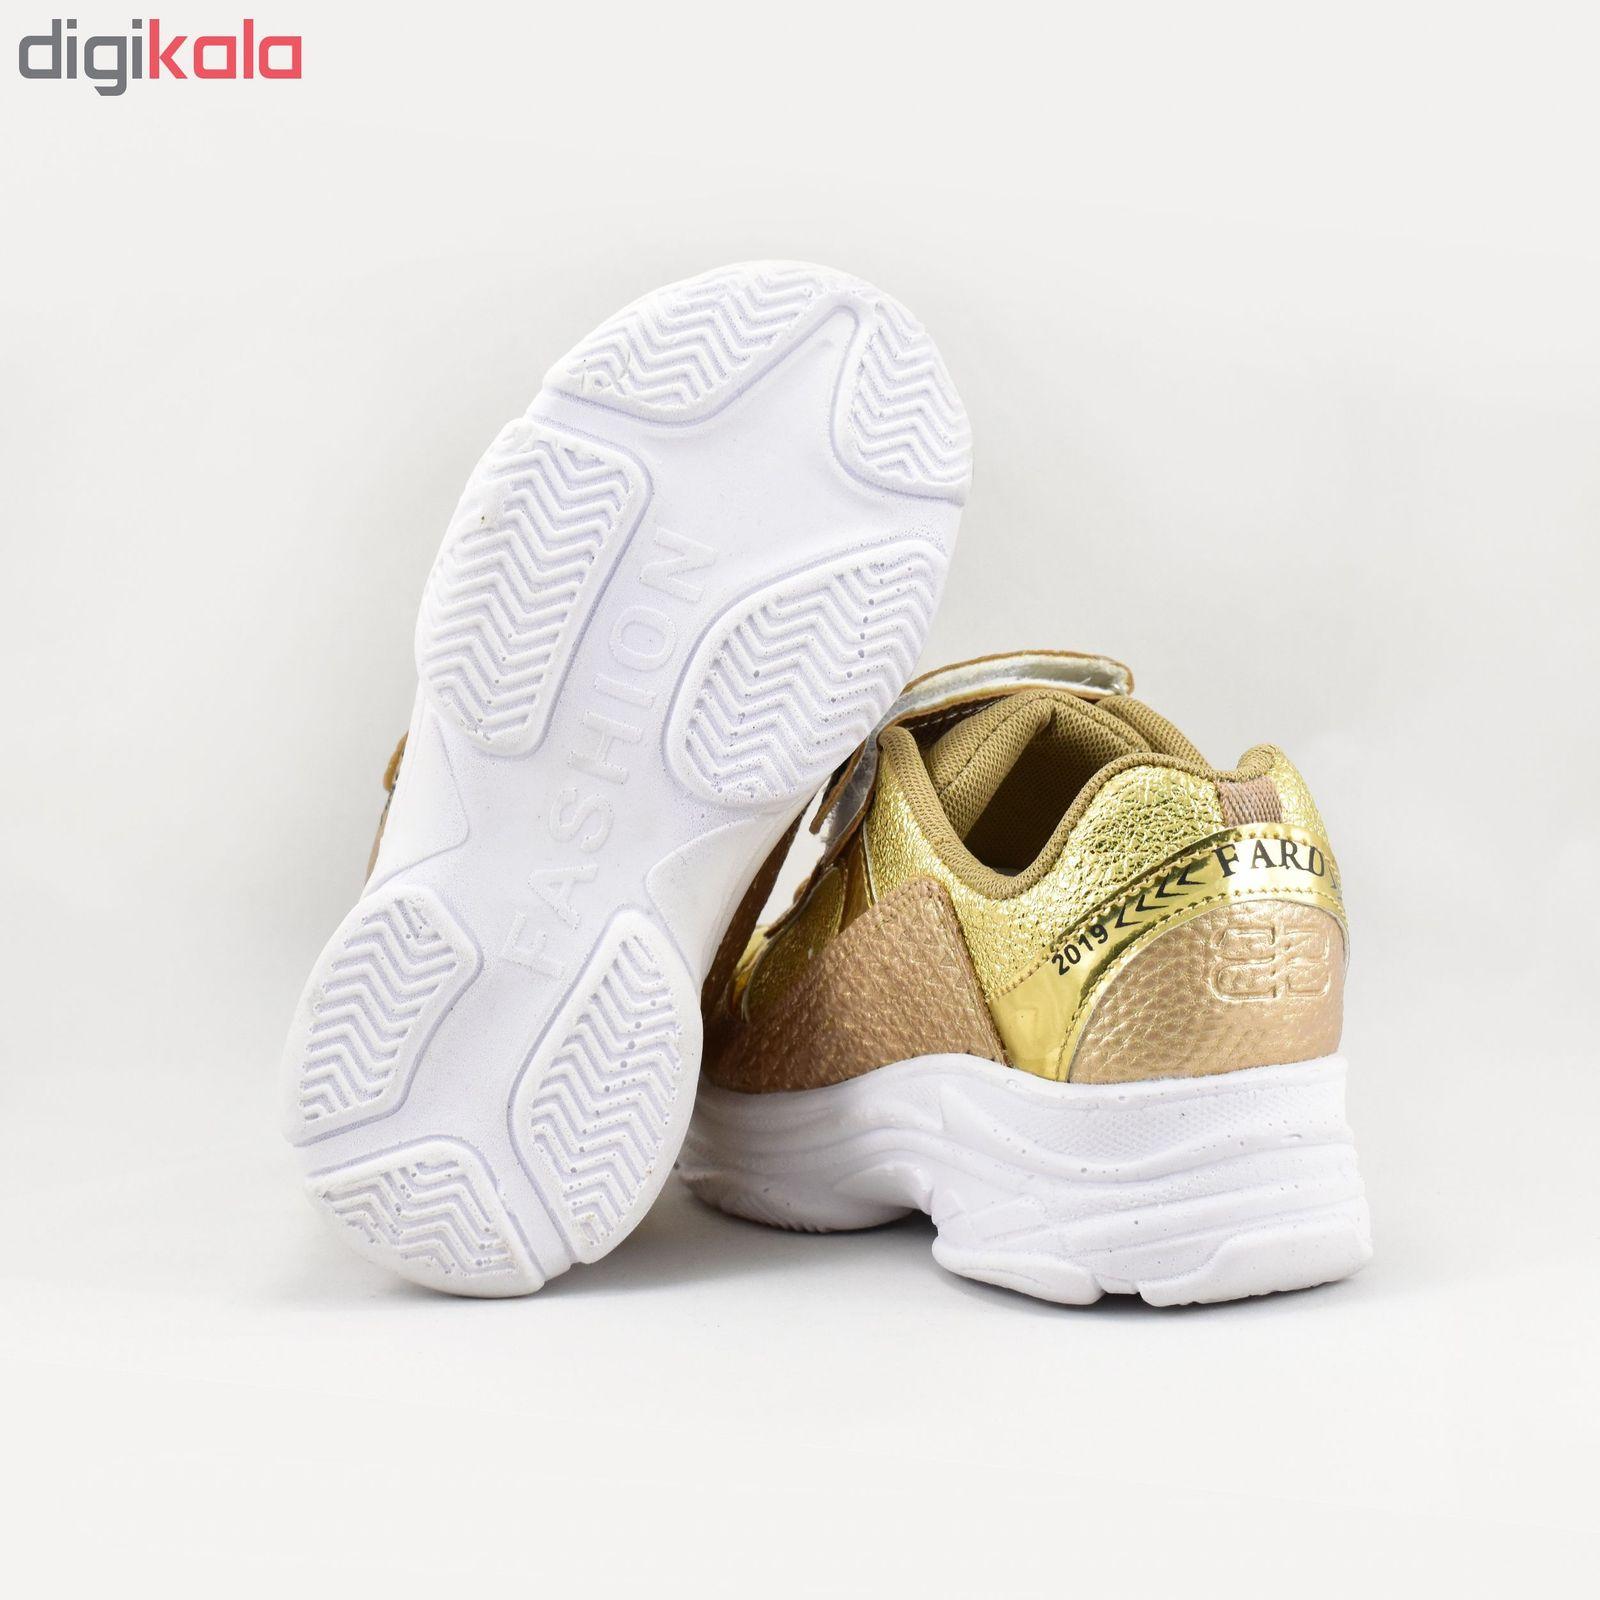 کفش راحتی دخترانه مدل بالی کد 4216 main 1 4